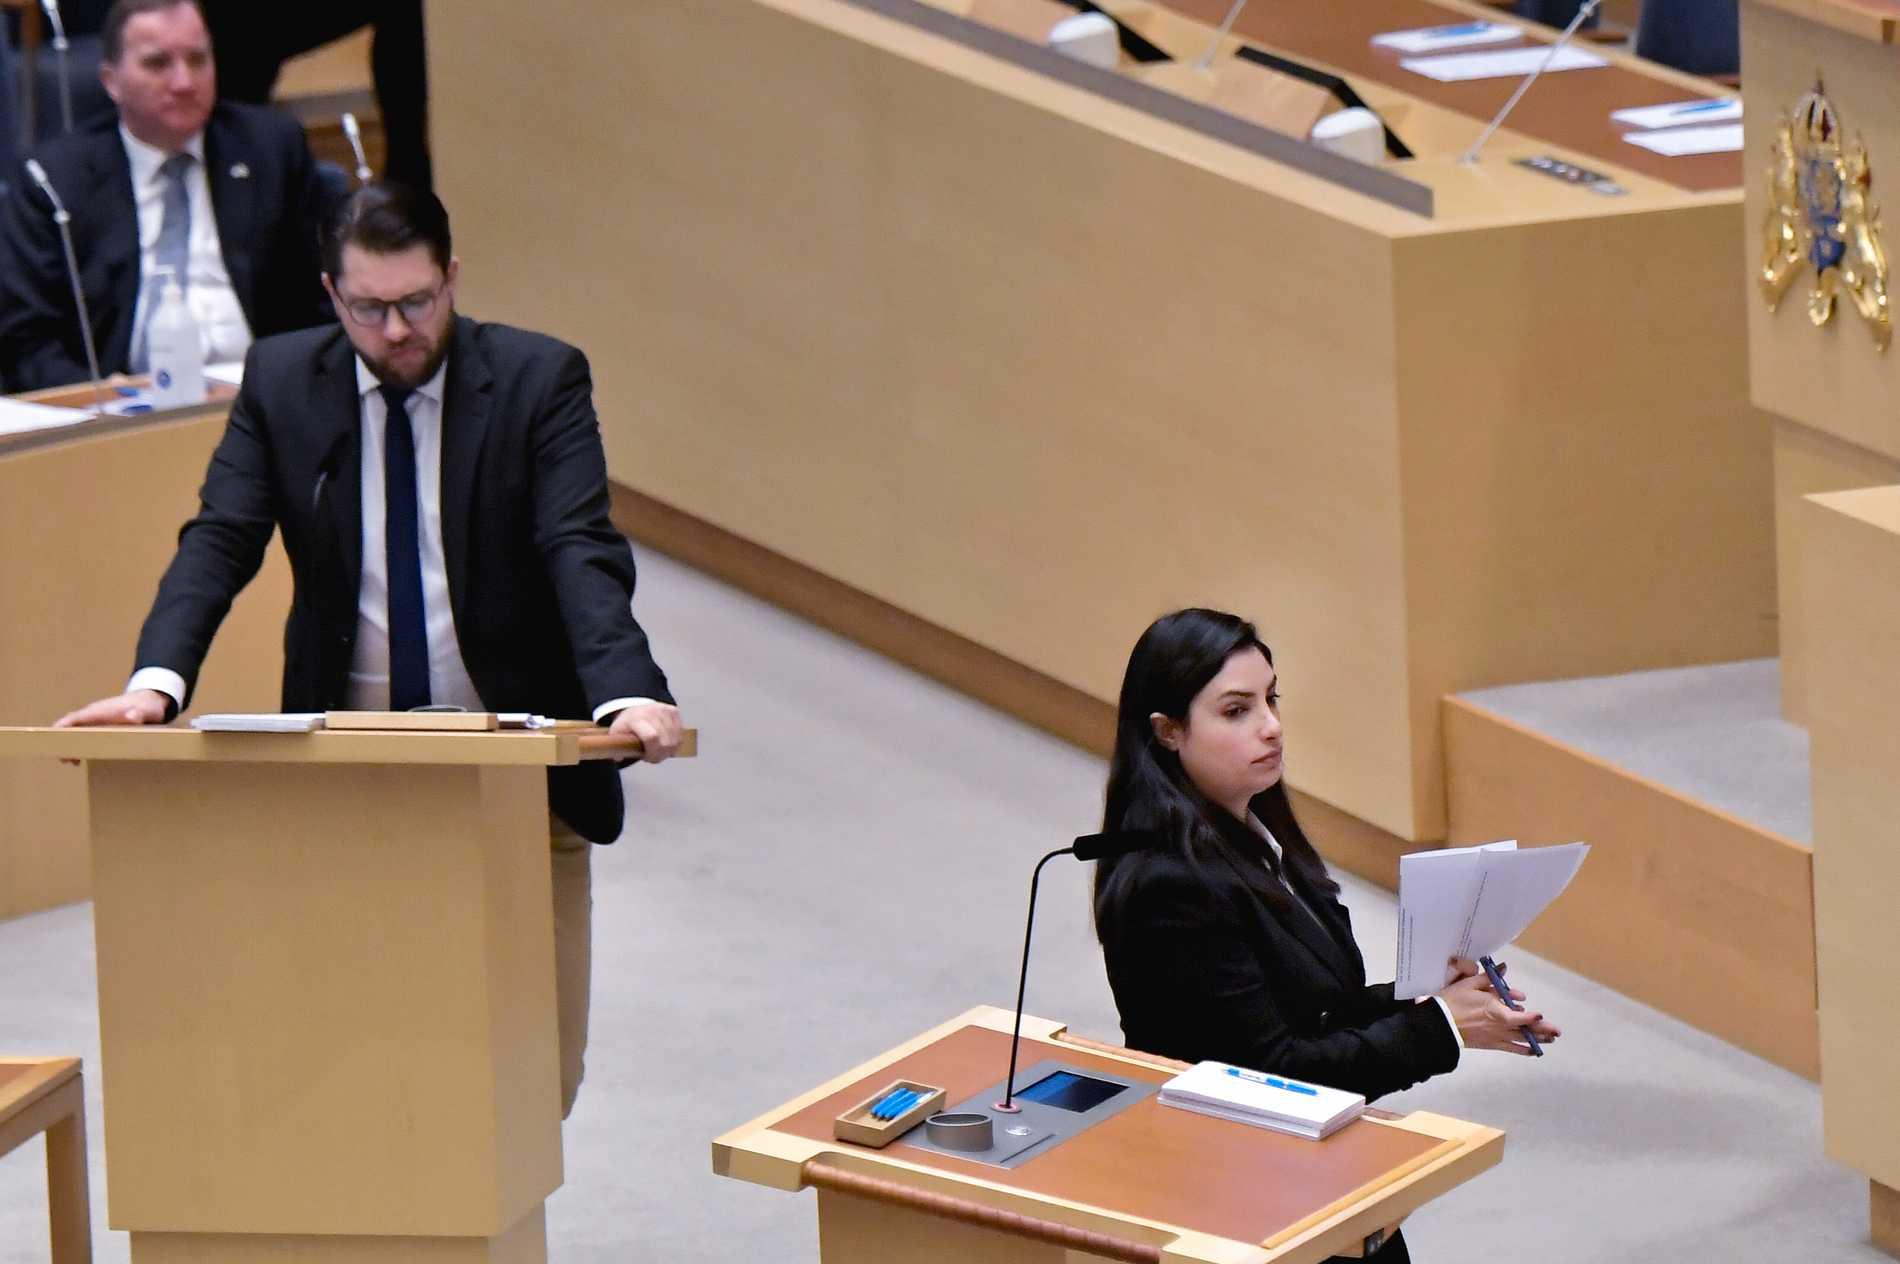 Sverigedemokraternas partiledare Jimmie Åkesson (SD) och Vänsterpartiets partiledare Nooshi Dadgostar (V) under en partiledardebatt tidigare i år. Arkivbild.